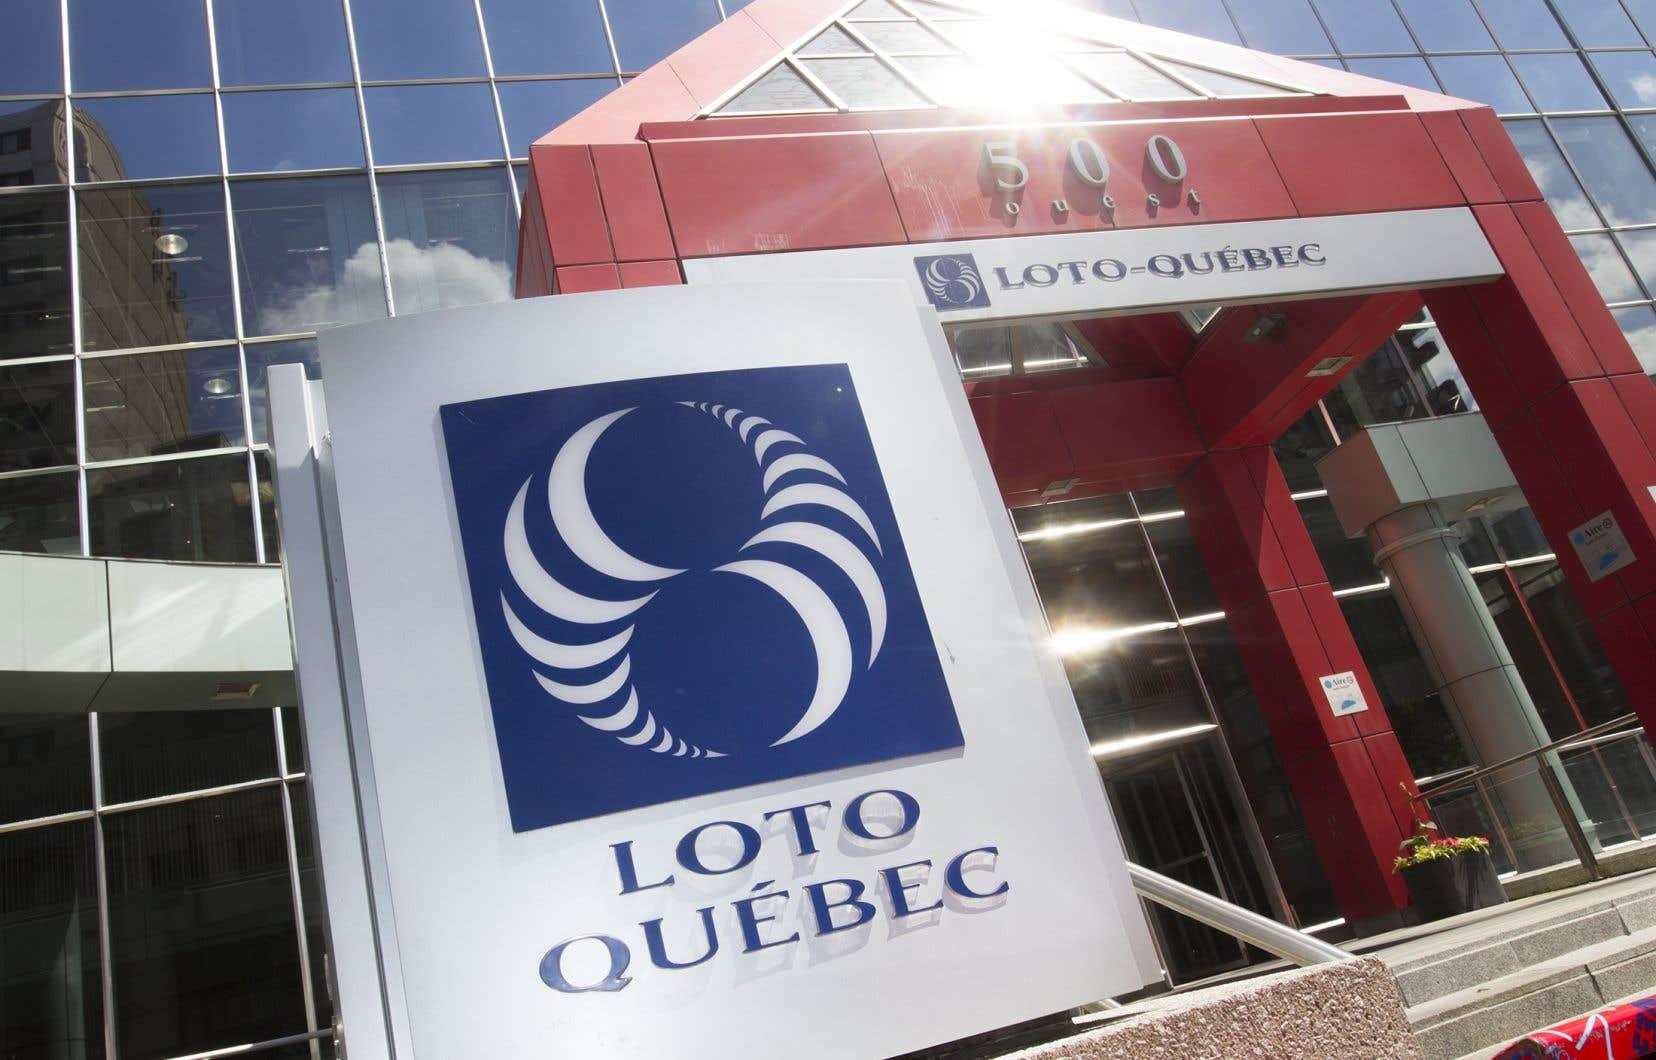 En dévoilant mardi son rapport annuel pour l'exercice terminé à la fin de mars, Loto-Québec a fait état d'un dividende de 1,33milliard, en recul d'environ 4% par rapport à l'année financière précédente, mais supérieur de 58millions à la cible fixée par le gouvernement Legault.